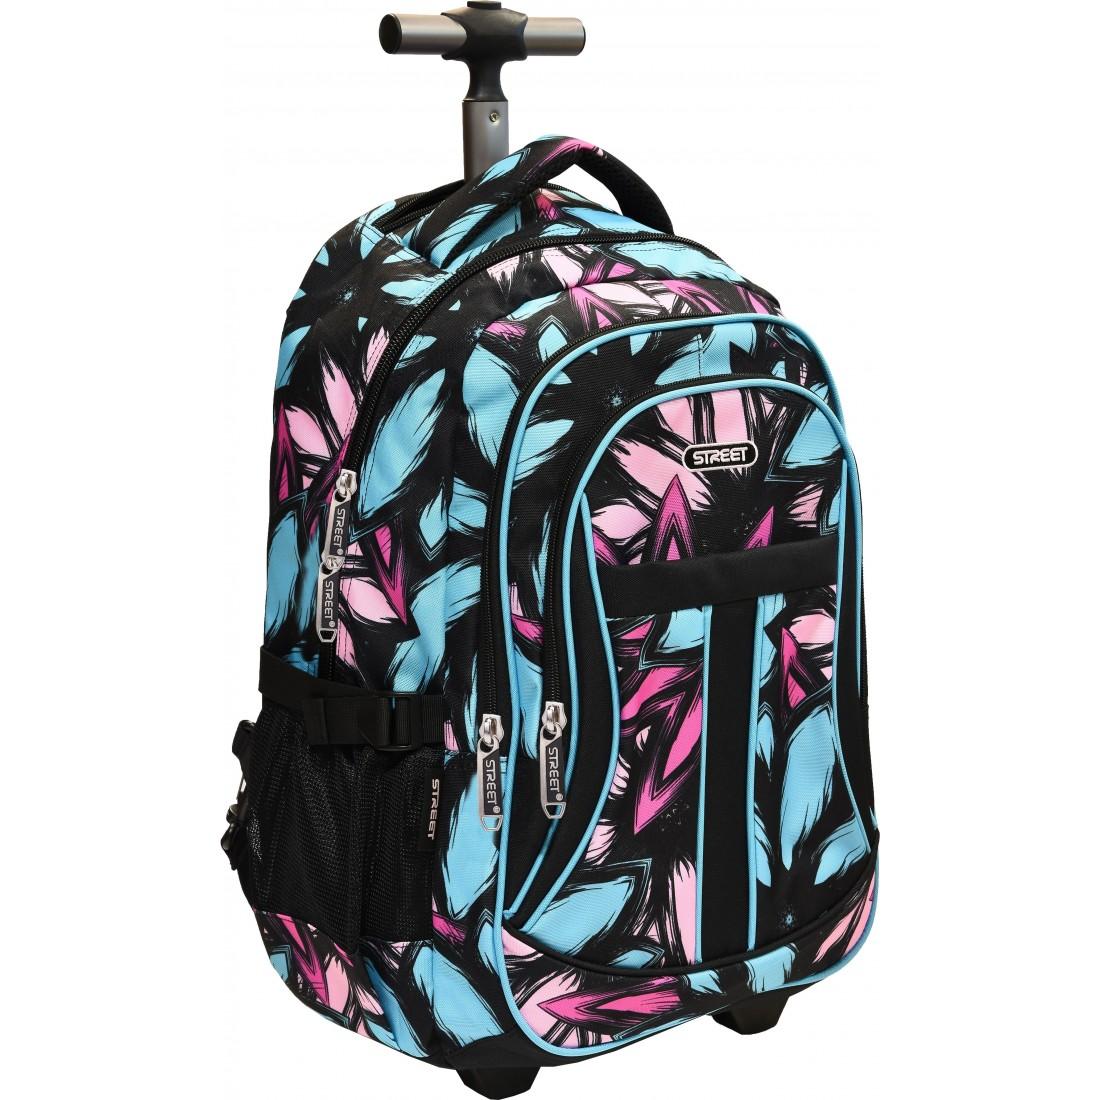 7b96dbdc5c02e Plecak na kółkach w dziewczęcym wzorze w piórka na klasycznym czarnym tle.  Pojemność plecaka około 35l.